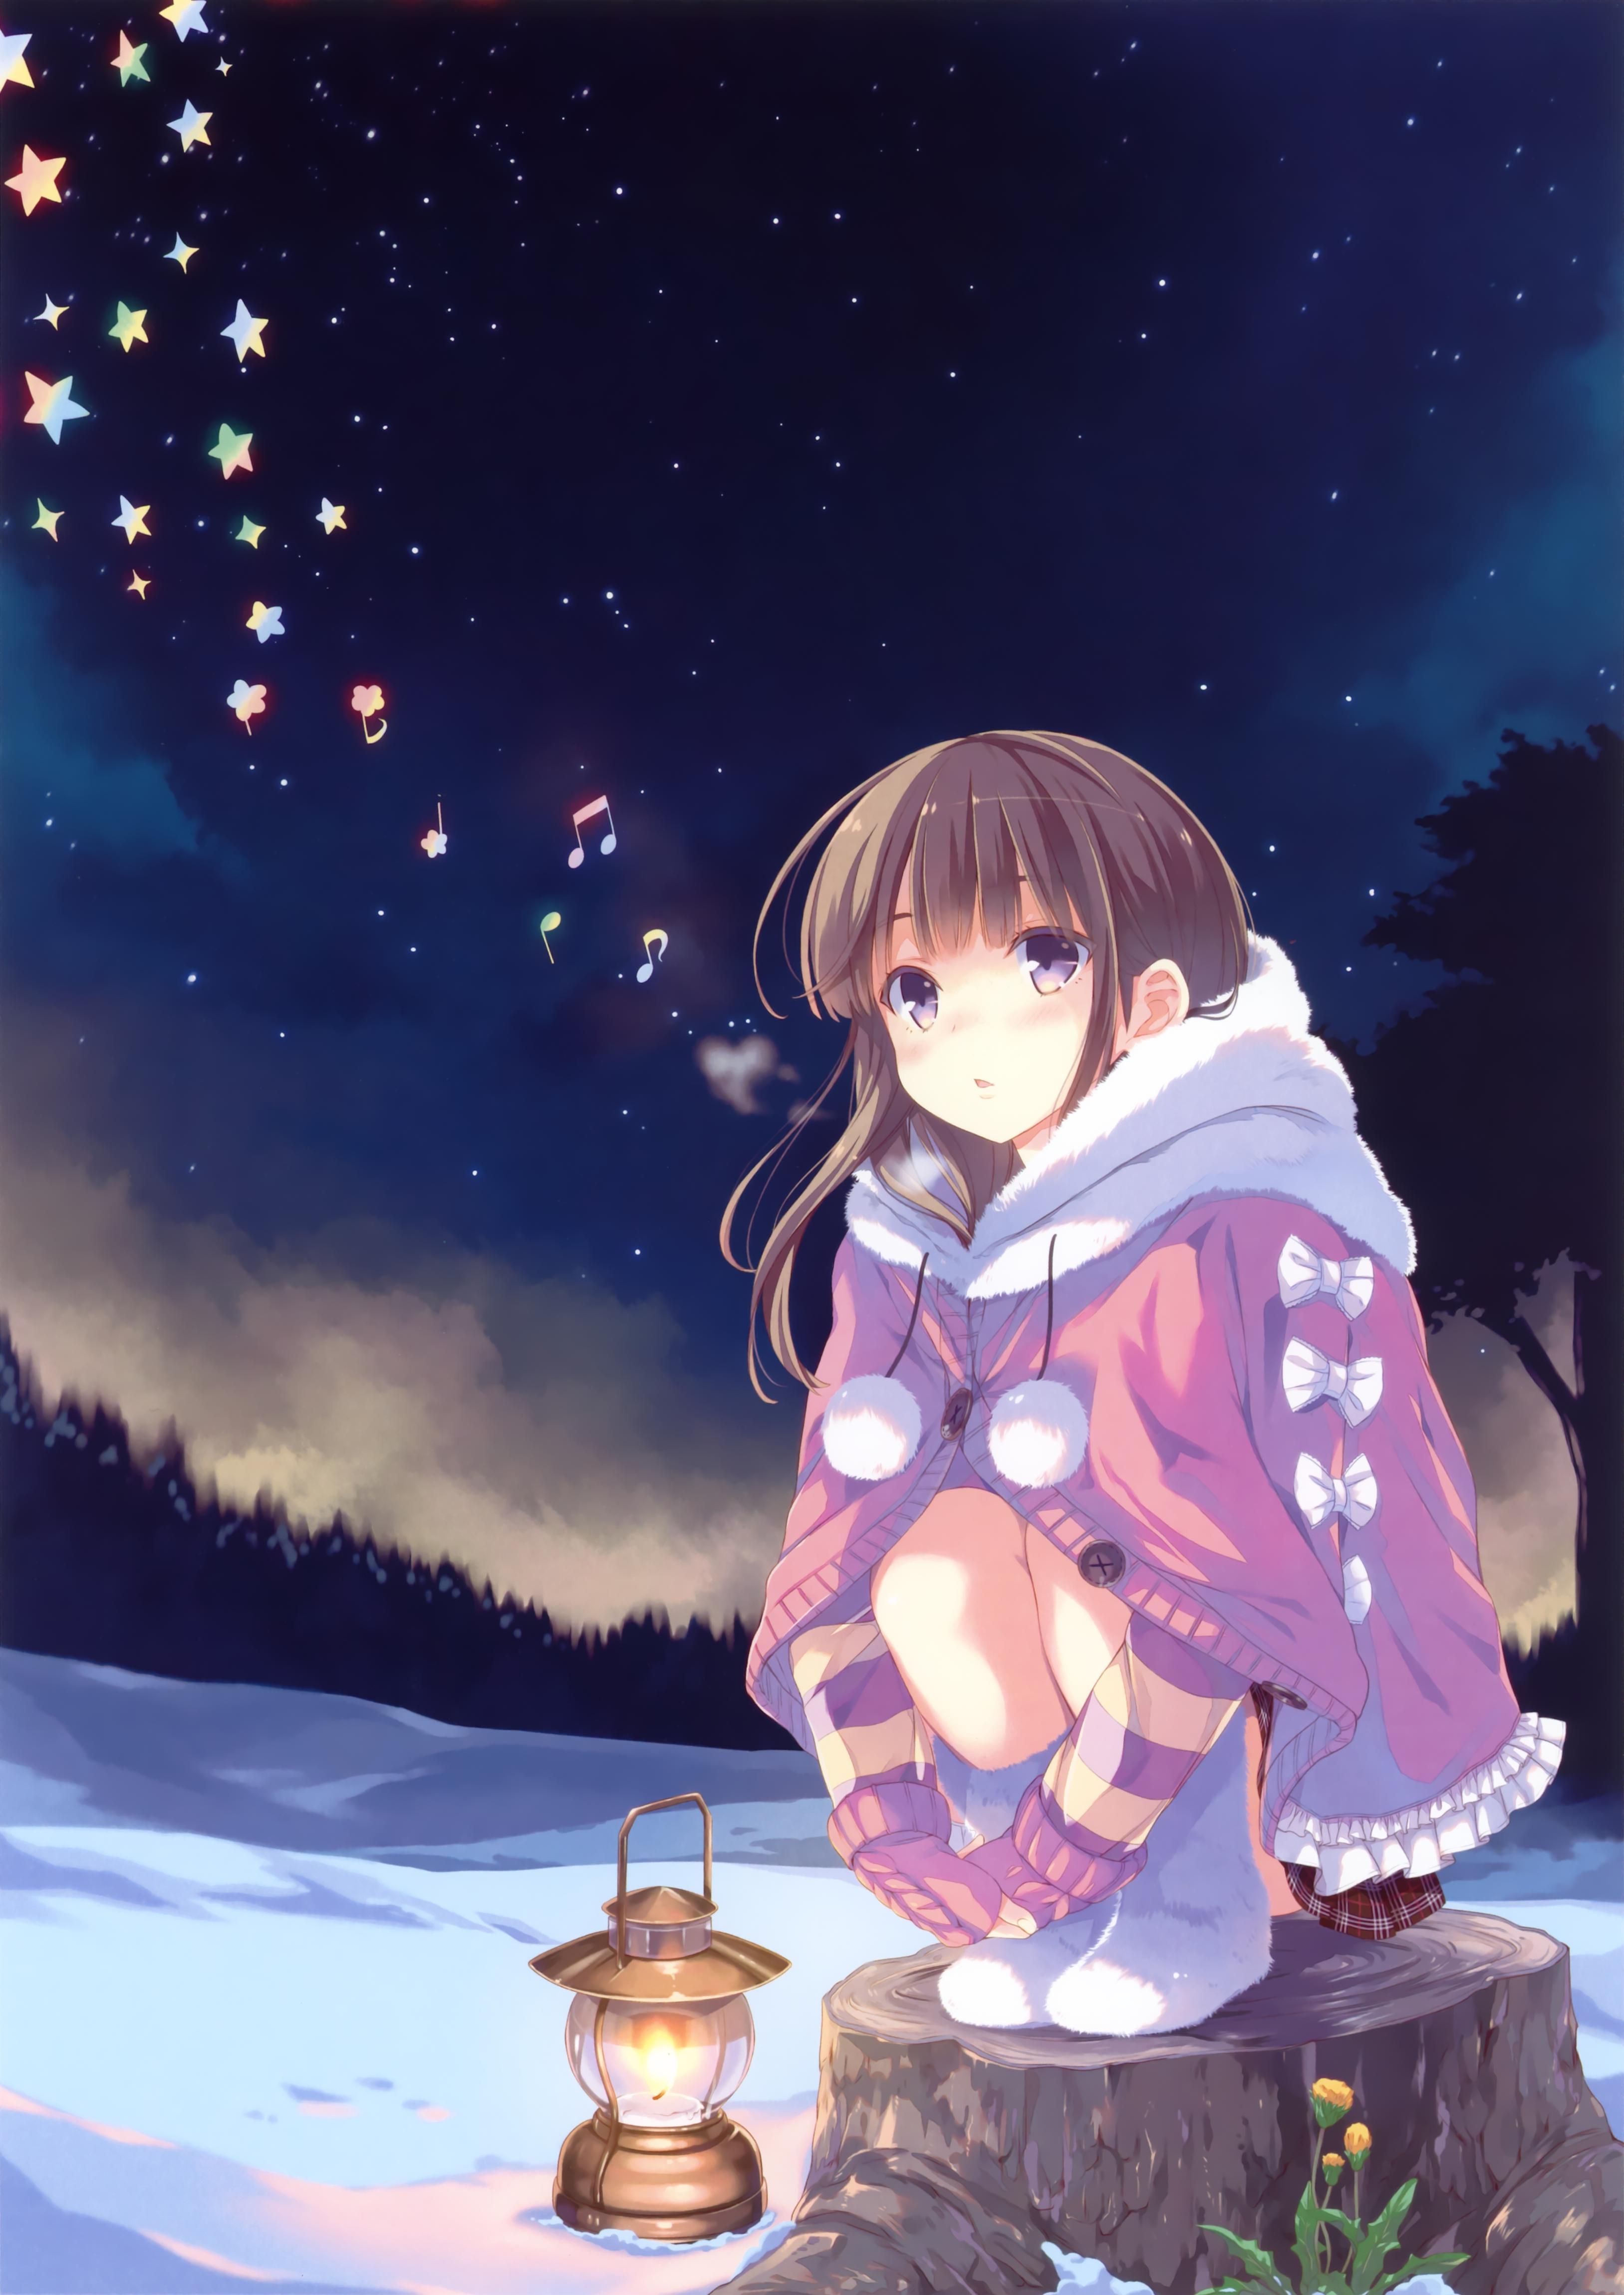 Фото Девочка зимней ночью сидит на пеньке, рядом стоит фонарь и летают разноцветные нотки